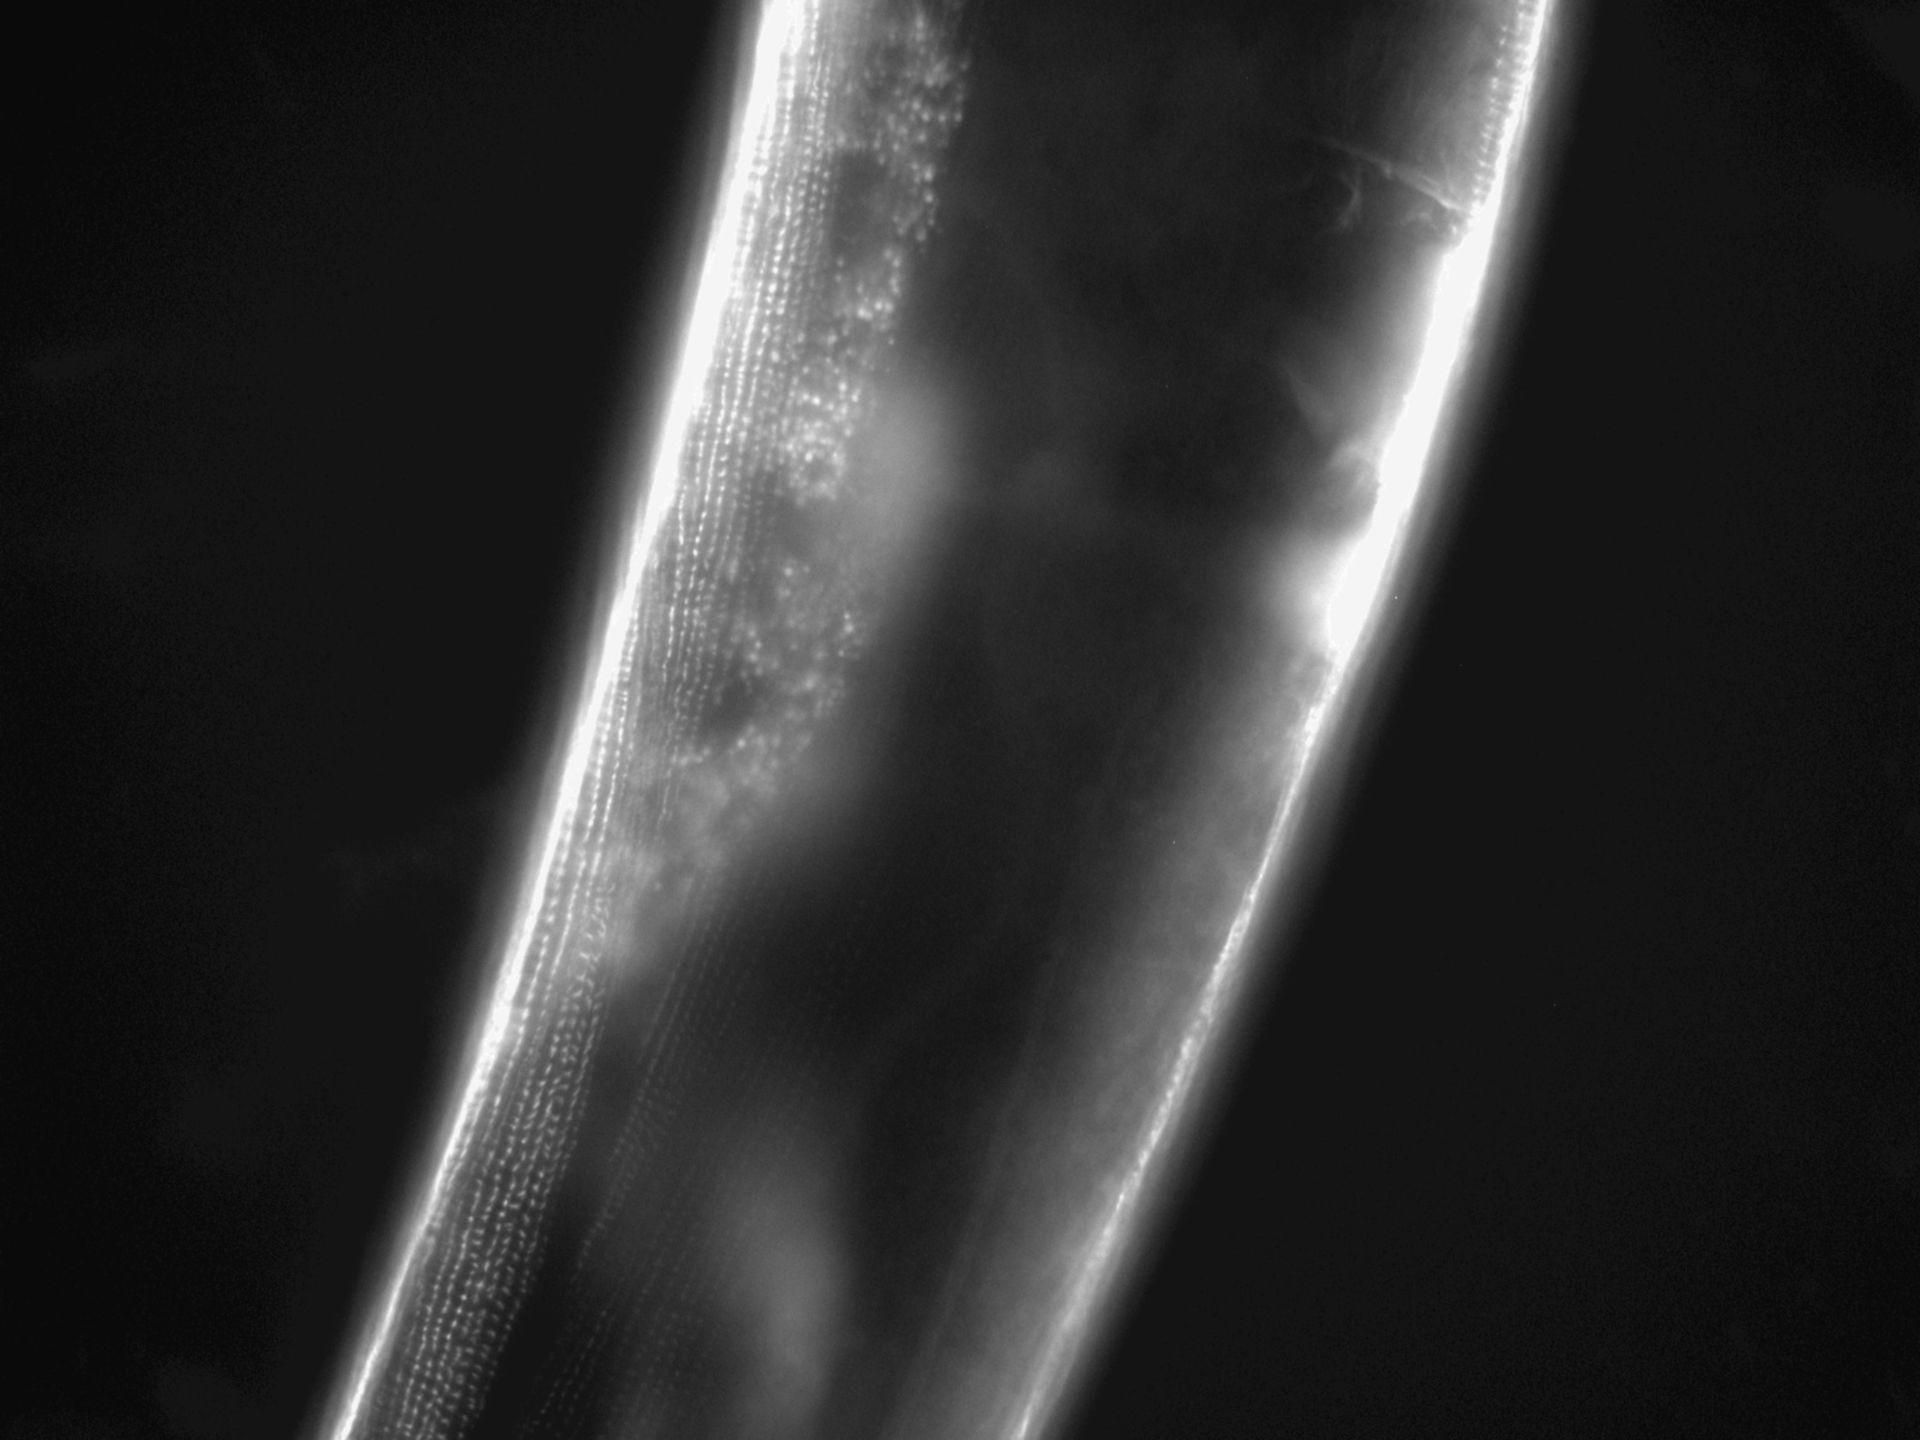 Caenorhabditis elegans (Actin filament) - CIL:1109